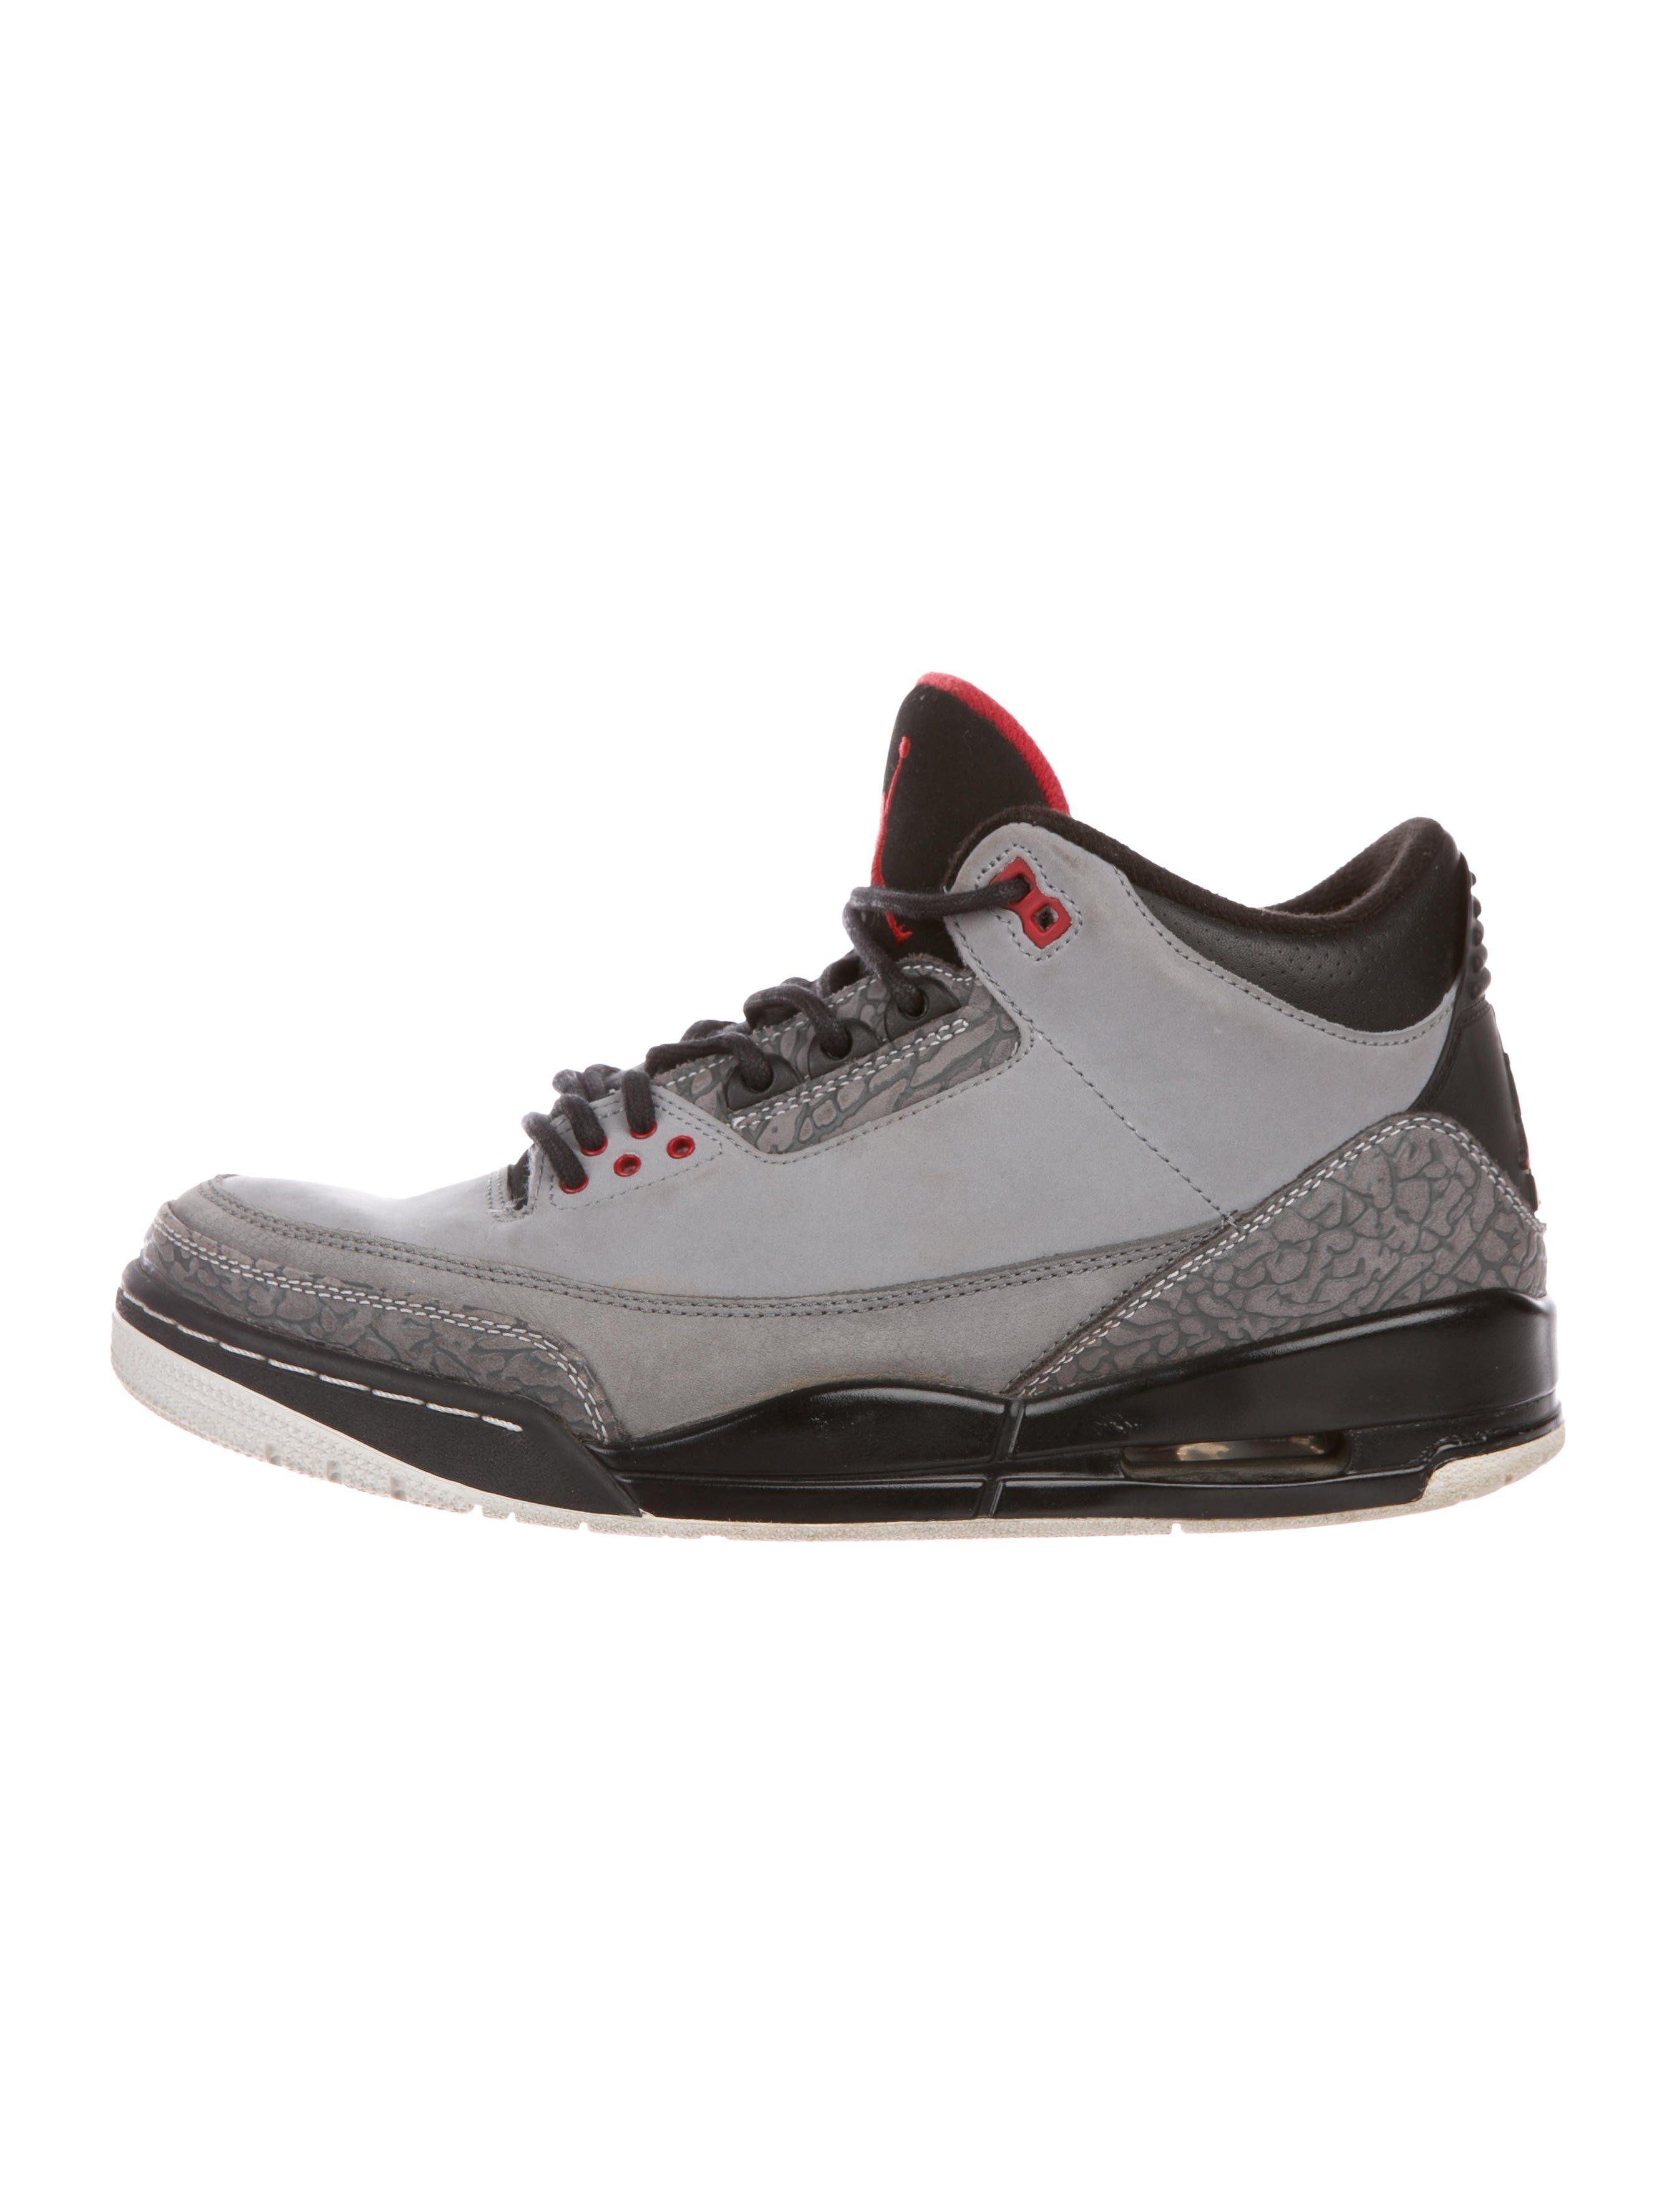 best sneakers cab67 d494b Men s grey suede Nike Air Jordan 3 Retro Stealth round-toe mid-top sneakers